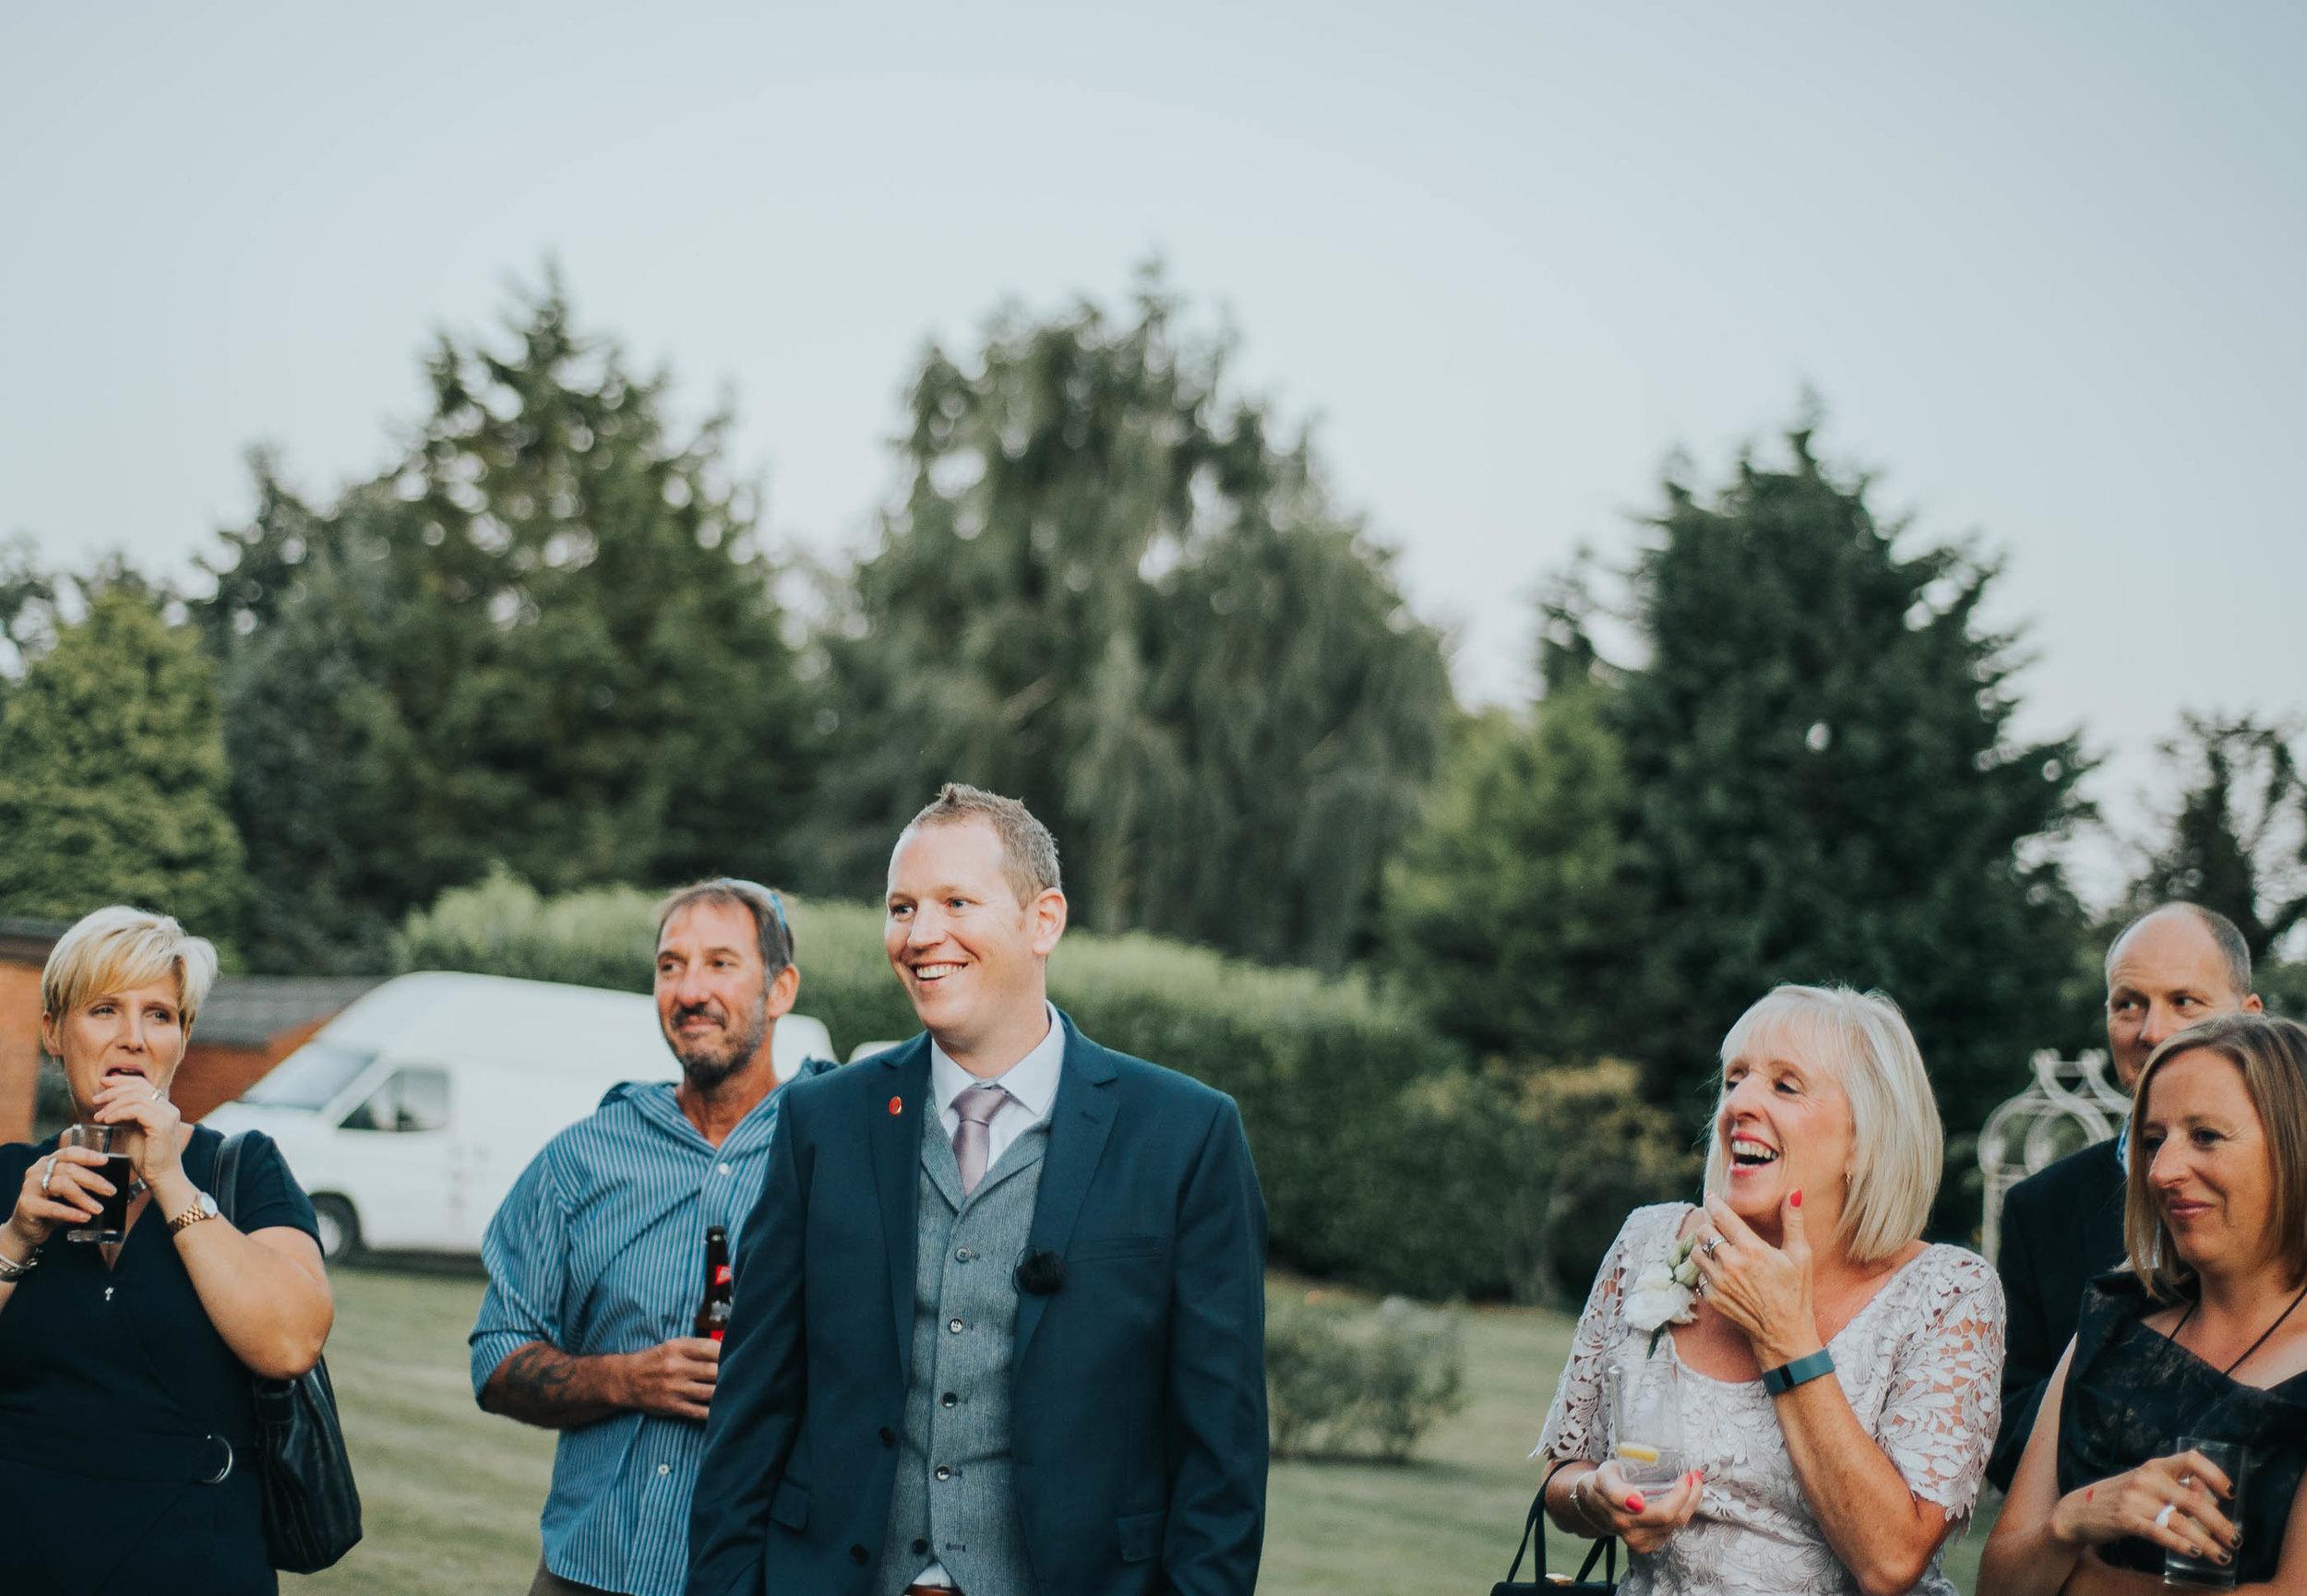 Creative Unique Wedding Photographer Essex Suffolk UK Wedding Photographer www.purplepeartreephotography.com (960).JPG